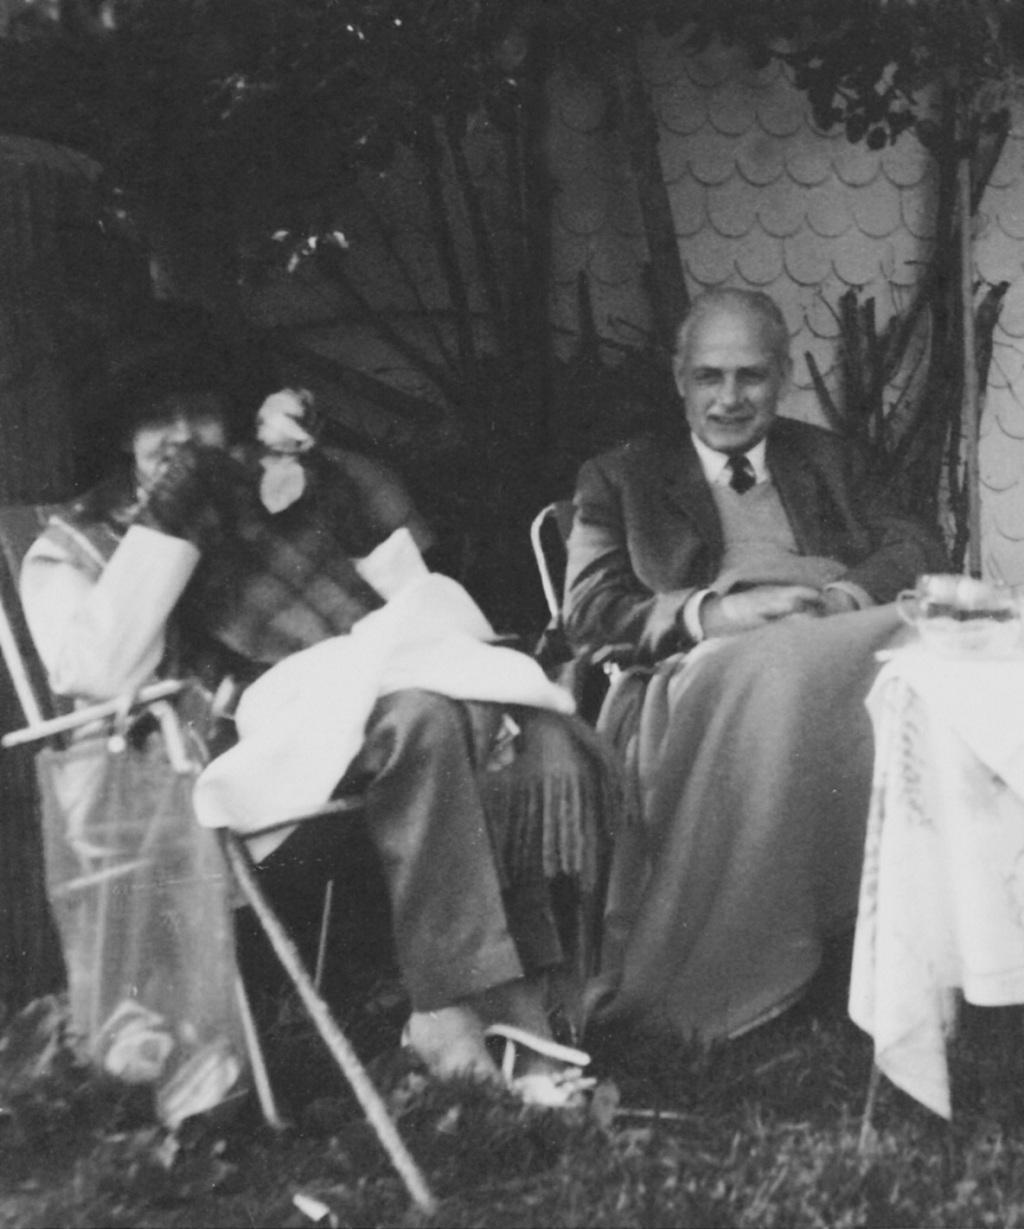 1967. Анастасия и принц Фредерик-Эрнст в Унтерленгенхардте.